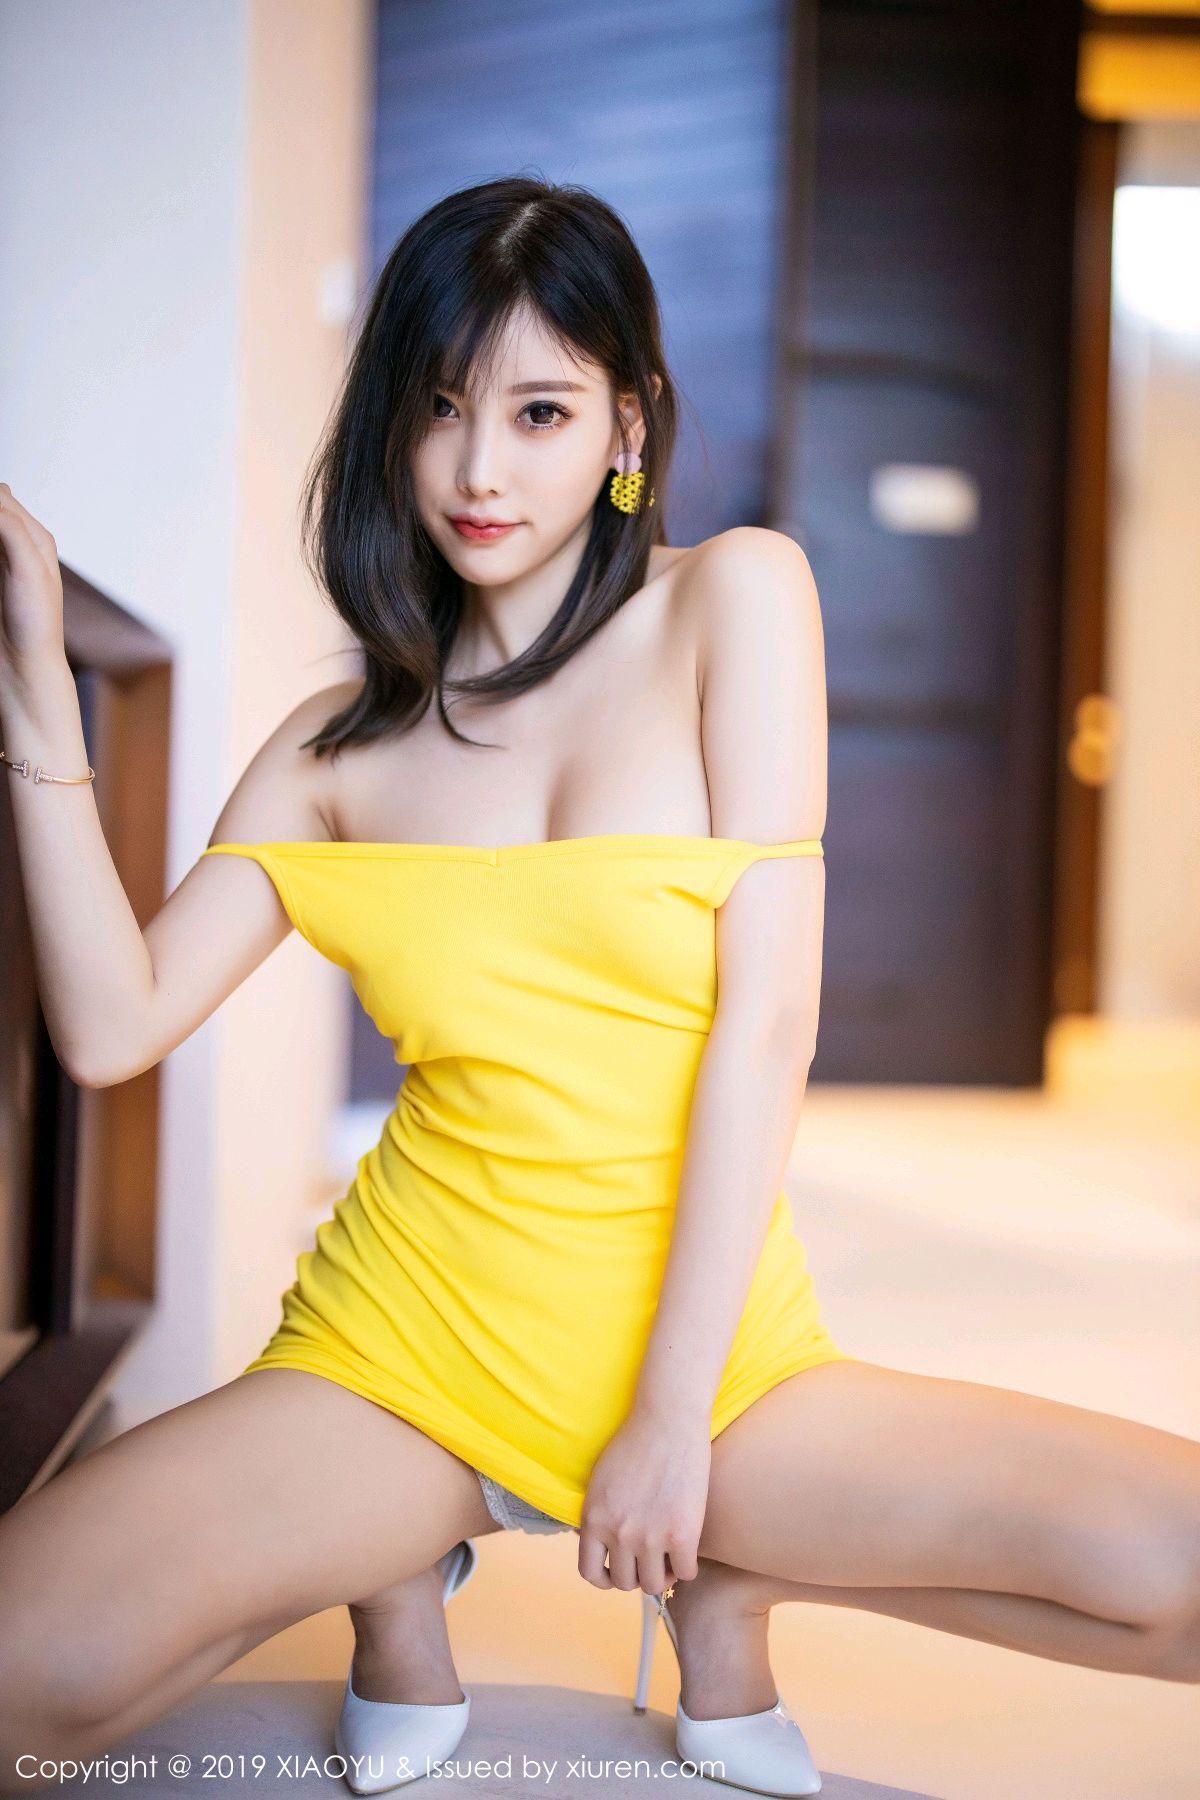 [XiaoYu] VOL.204 Yang Chen Chen 46P, Pure, XiaoYu, Yang Chen Chen